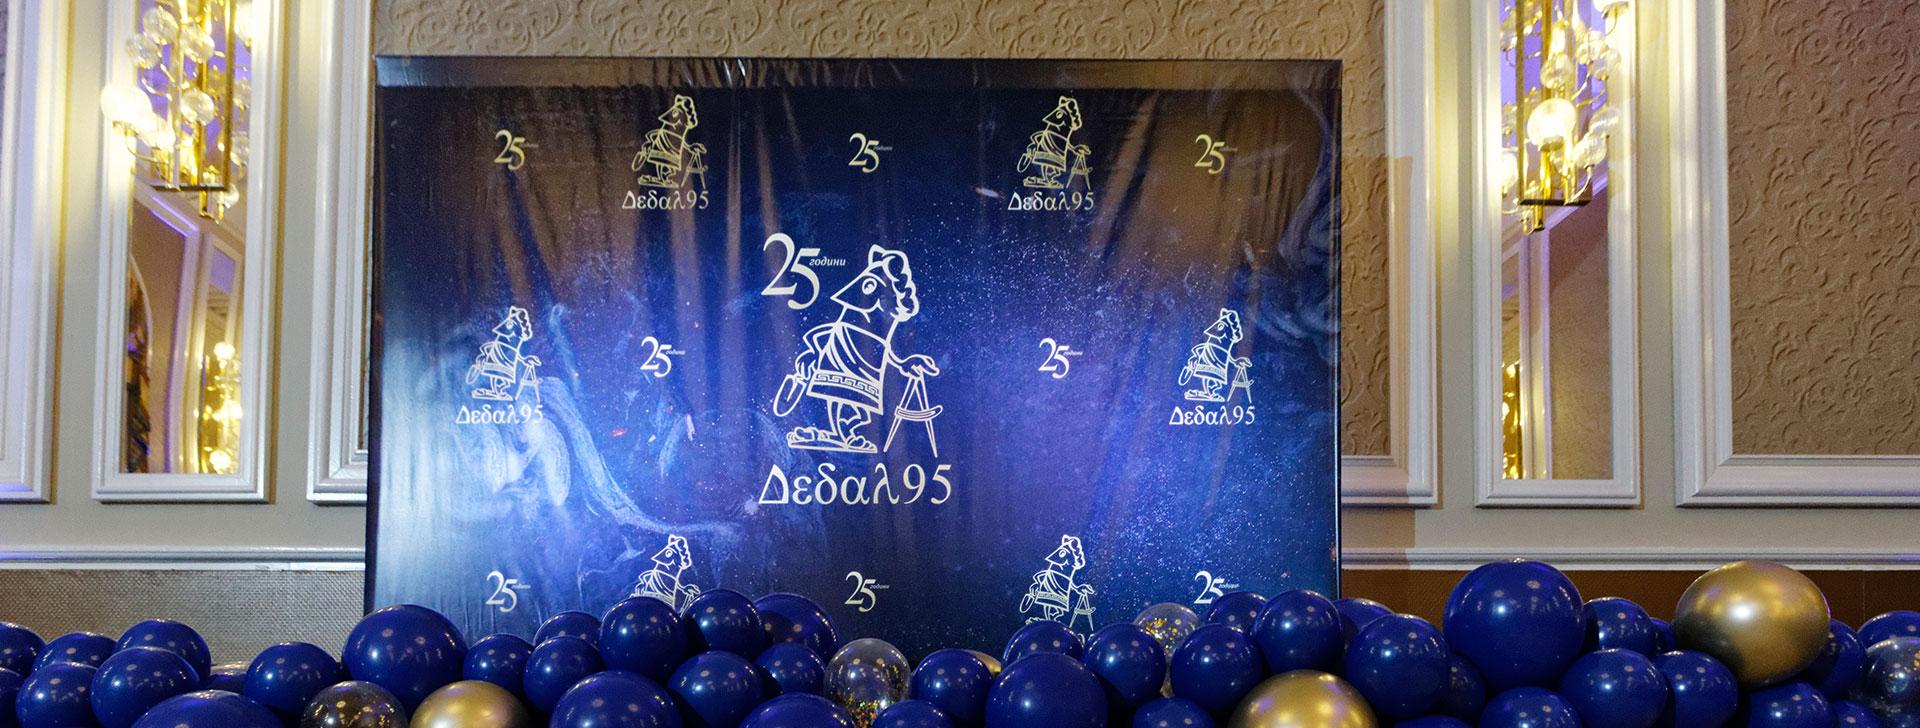 Дедал 1995 ООД отбеляза своята 25-та годишнина